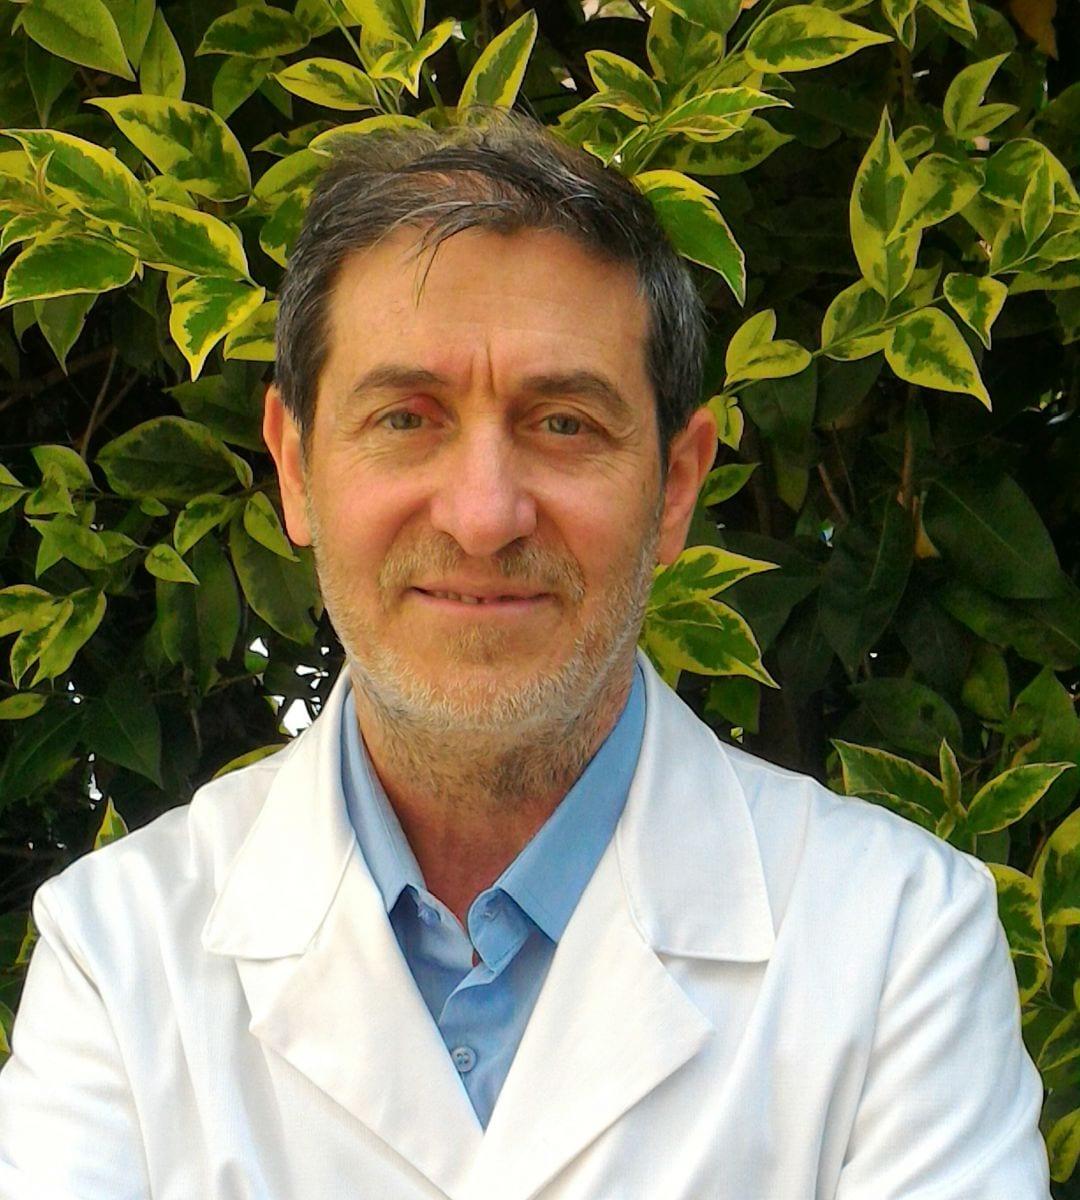 Antonio Restuccia